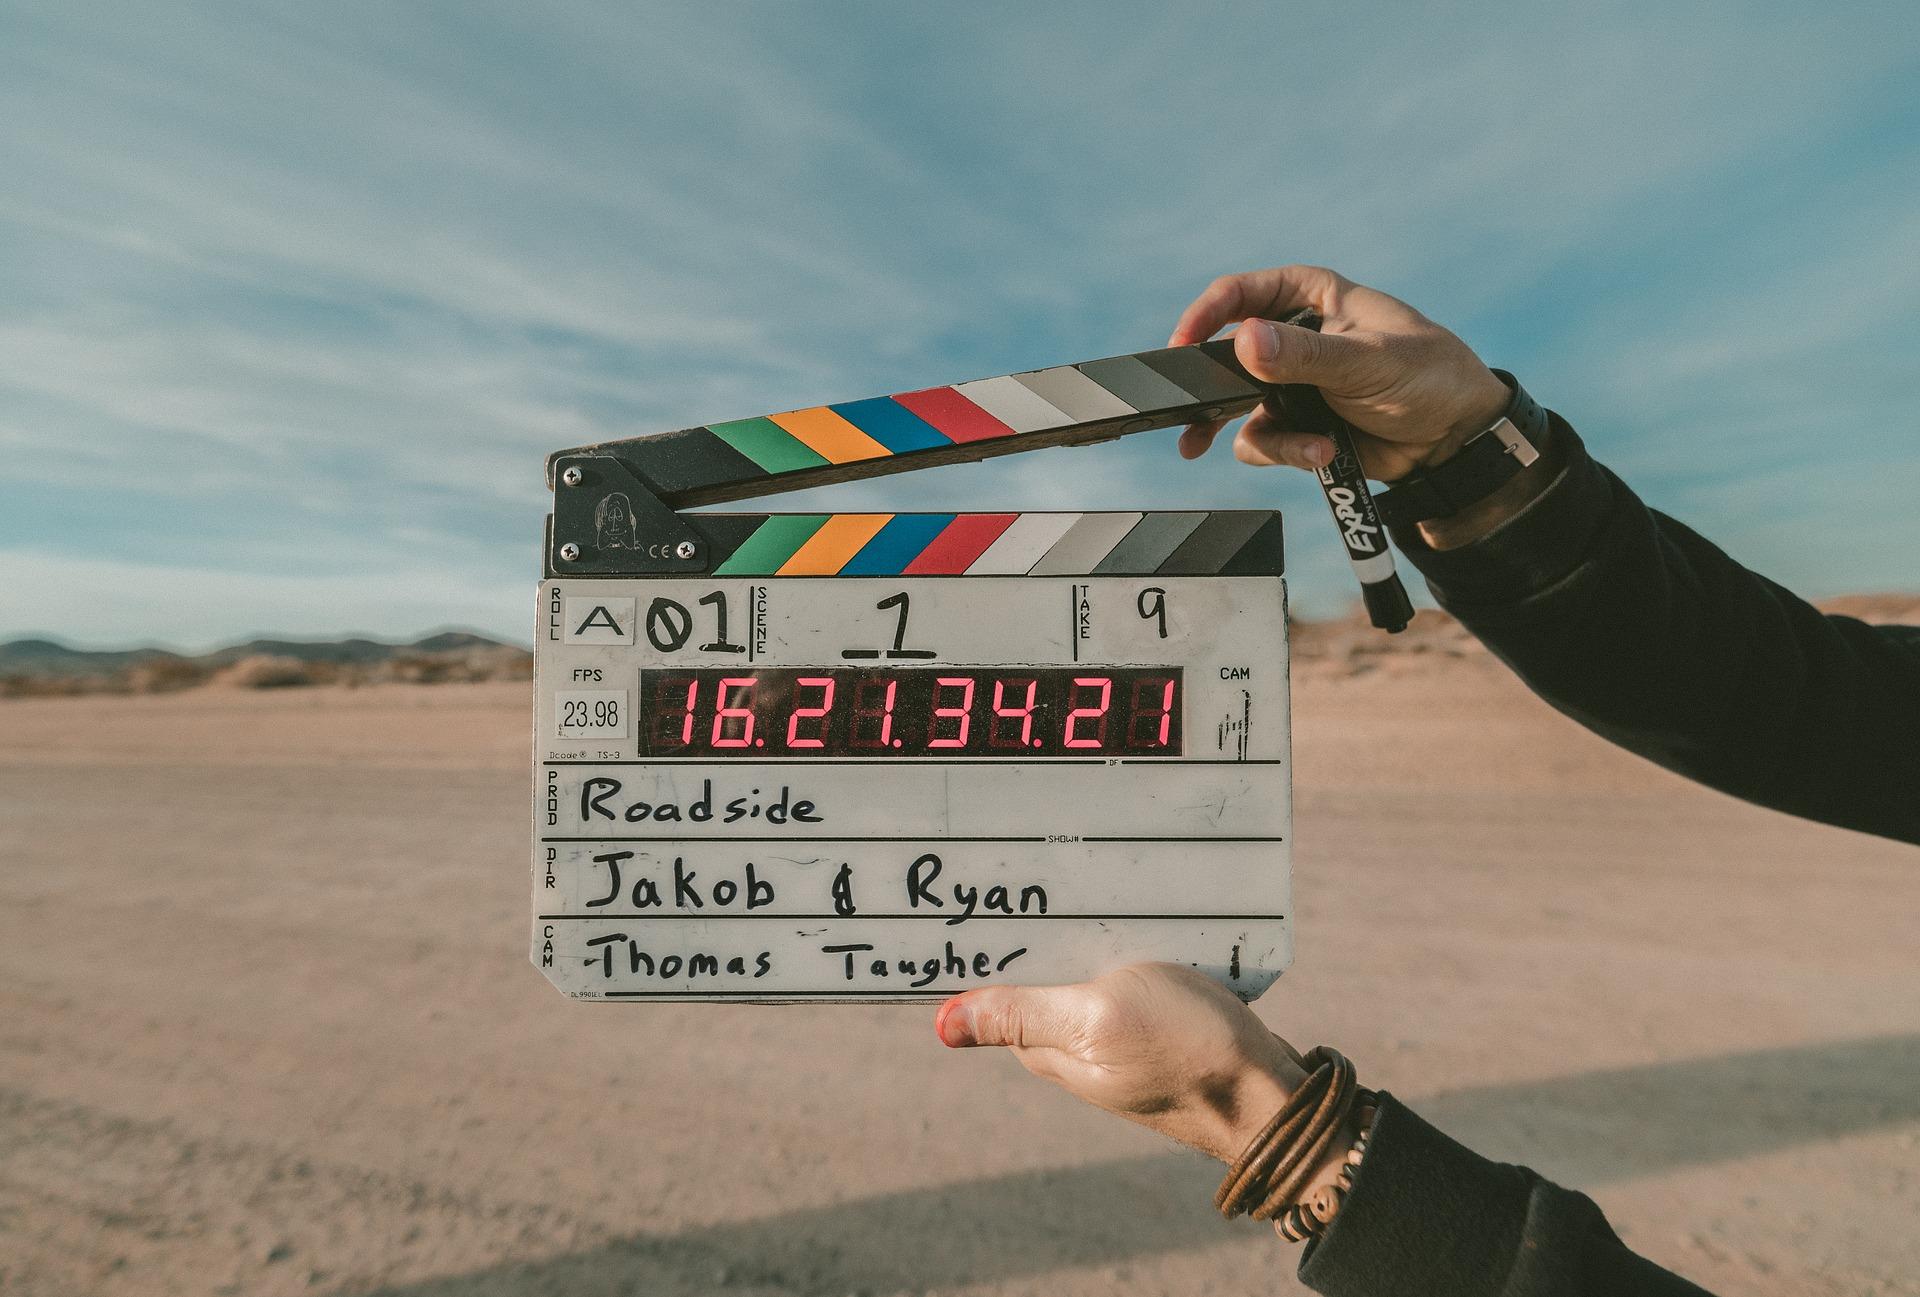 Klaps filmowy na tle piaszczystego podłoża.